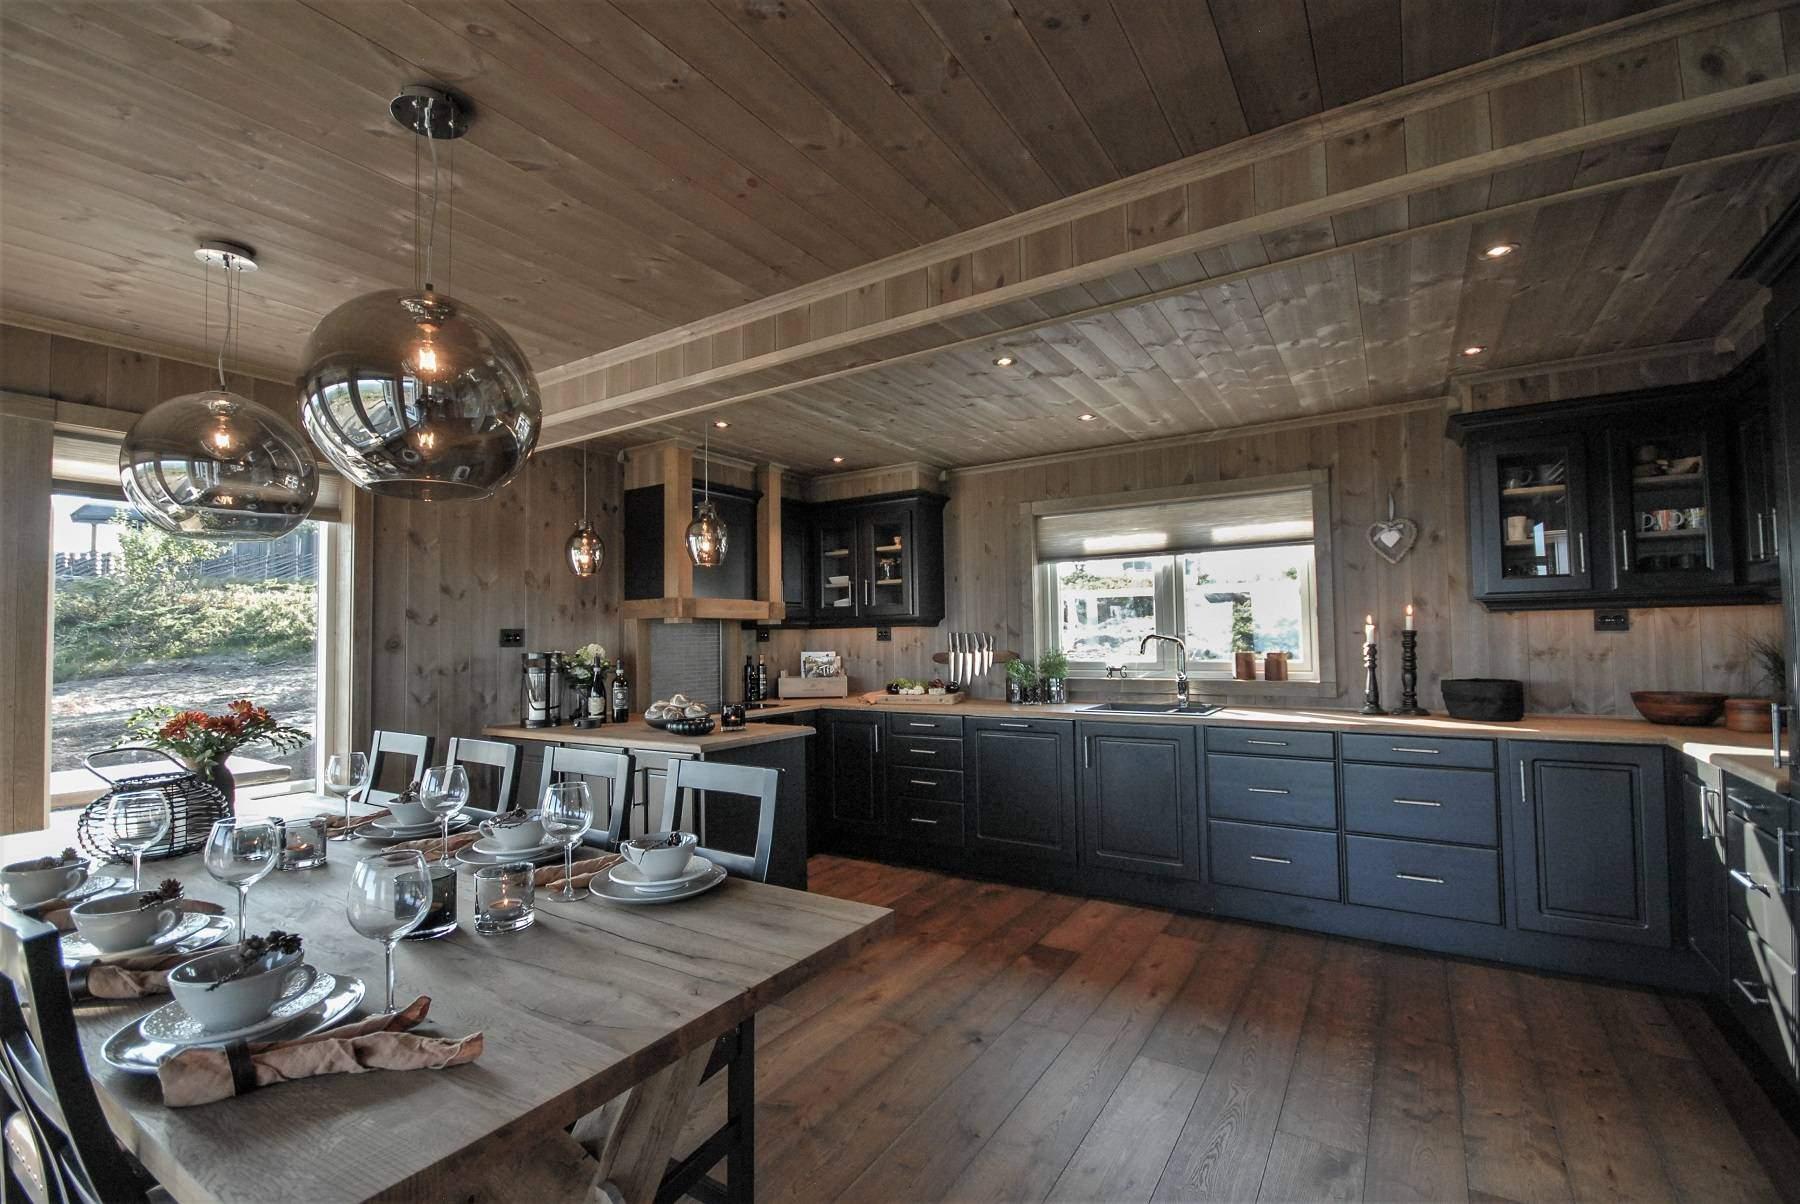 211 Hytteinteriør Hytteinspirasjon Storjuvtinden 114 på Nesbyen. Kjøkken med masse benkeplass